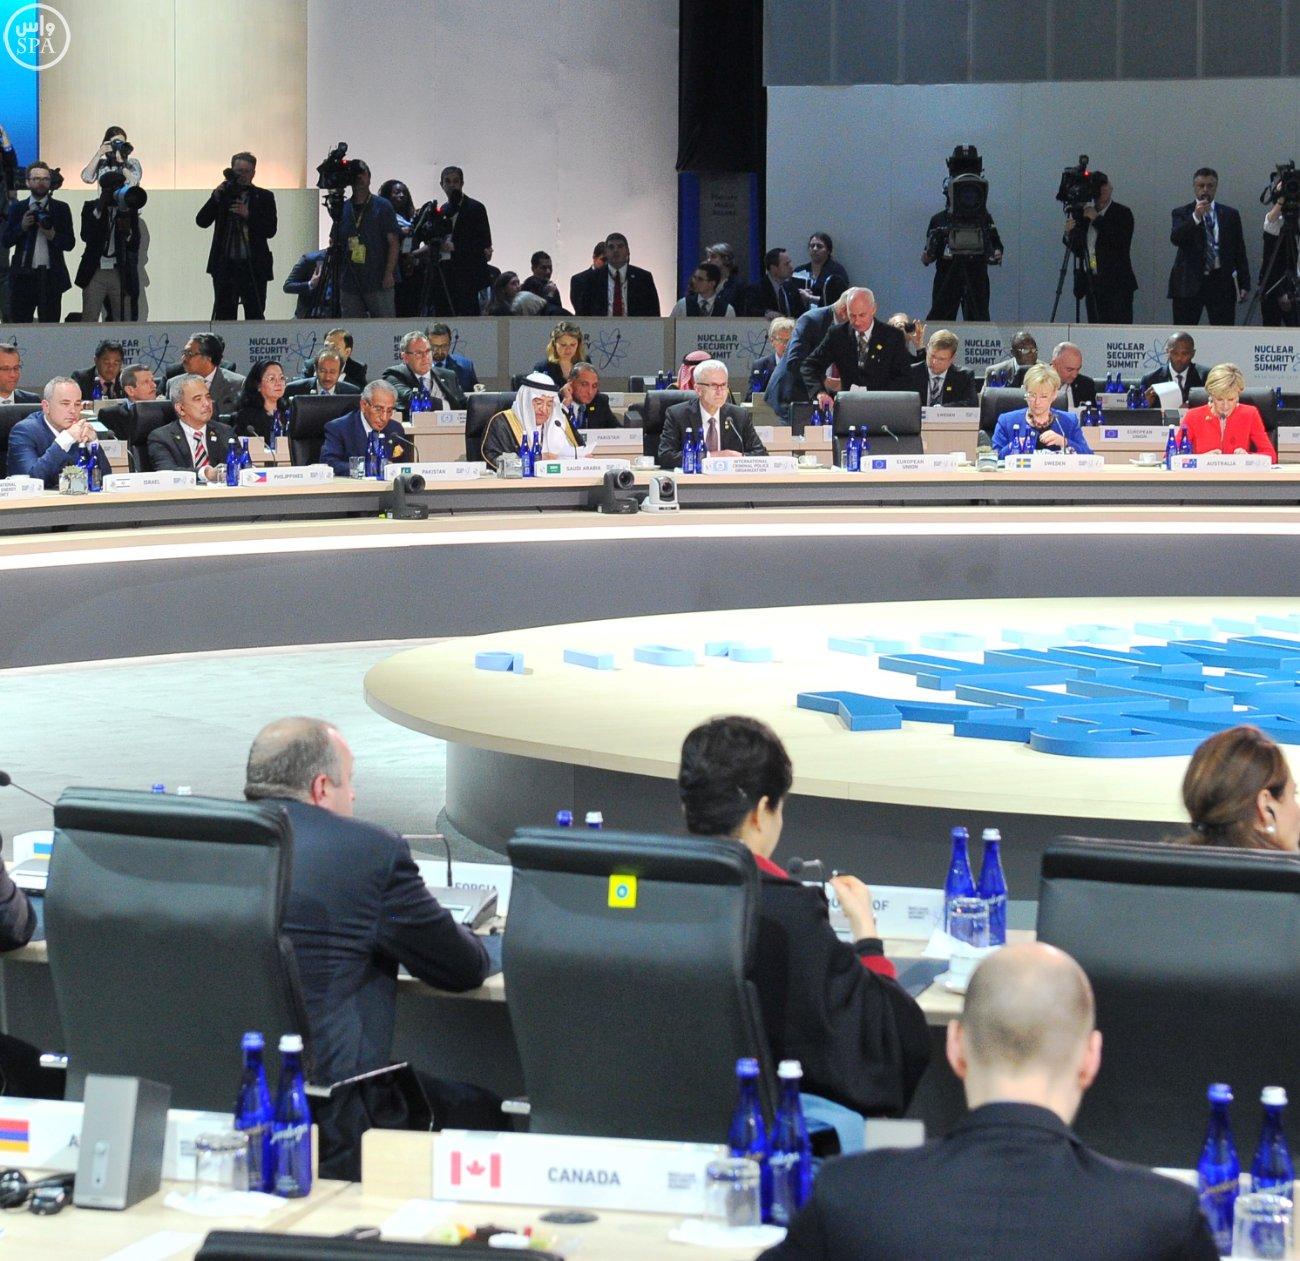 المملكة تتبرع بمبلغ 10 ملايين دولار لإنشاء مركز متخصص لمكافحة الإرهاب النووي في فيينا (1)